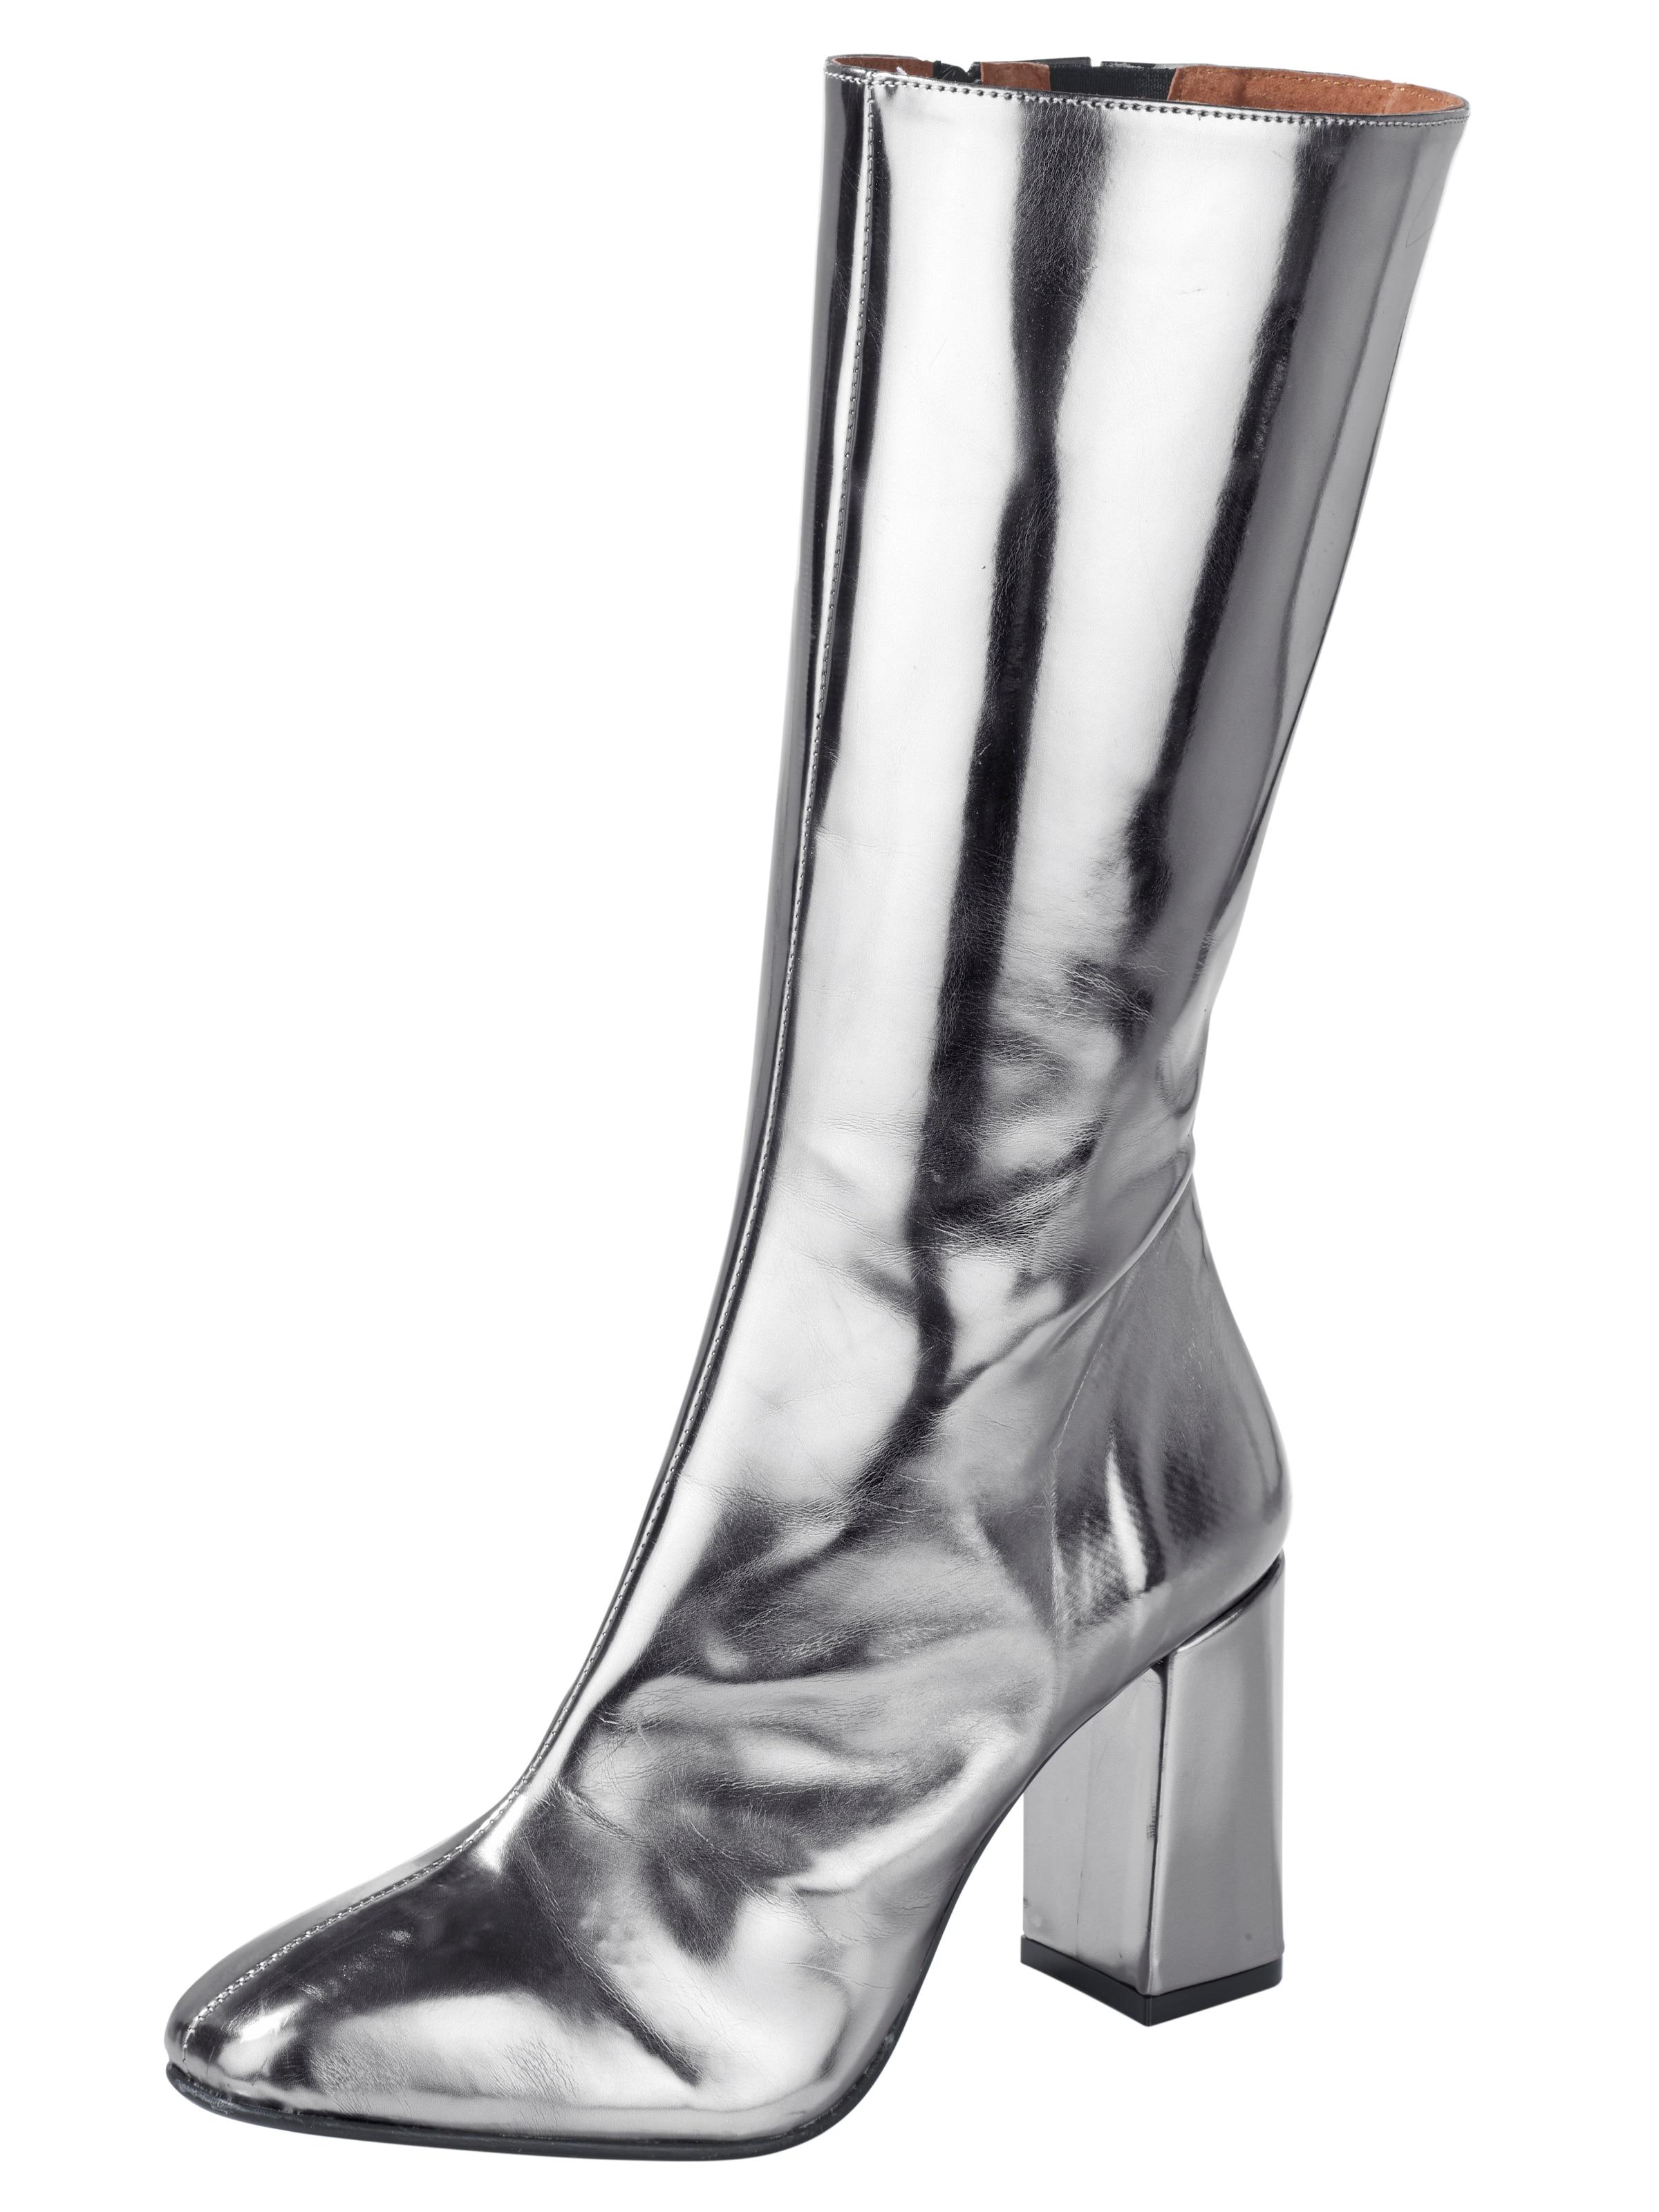 heine Stiefel im Metallic-Look